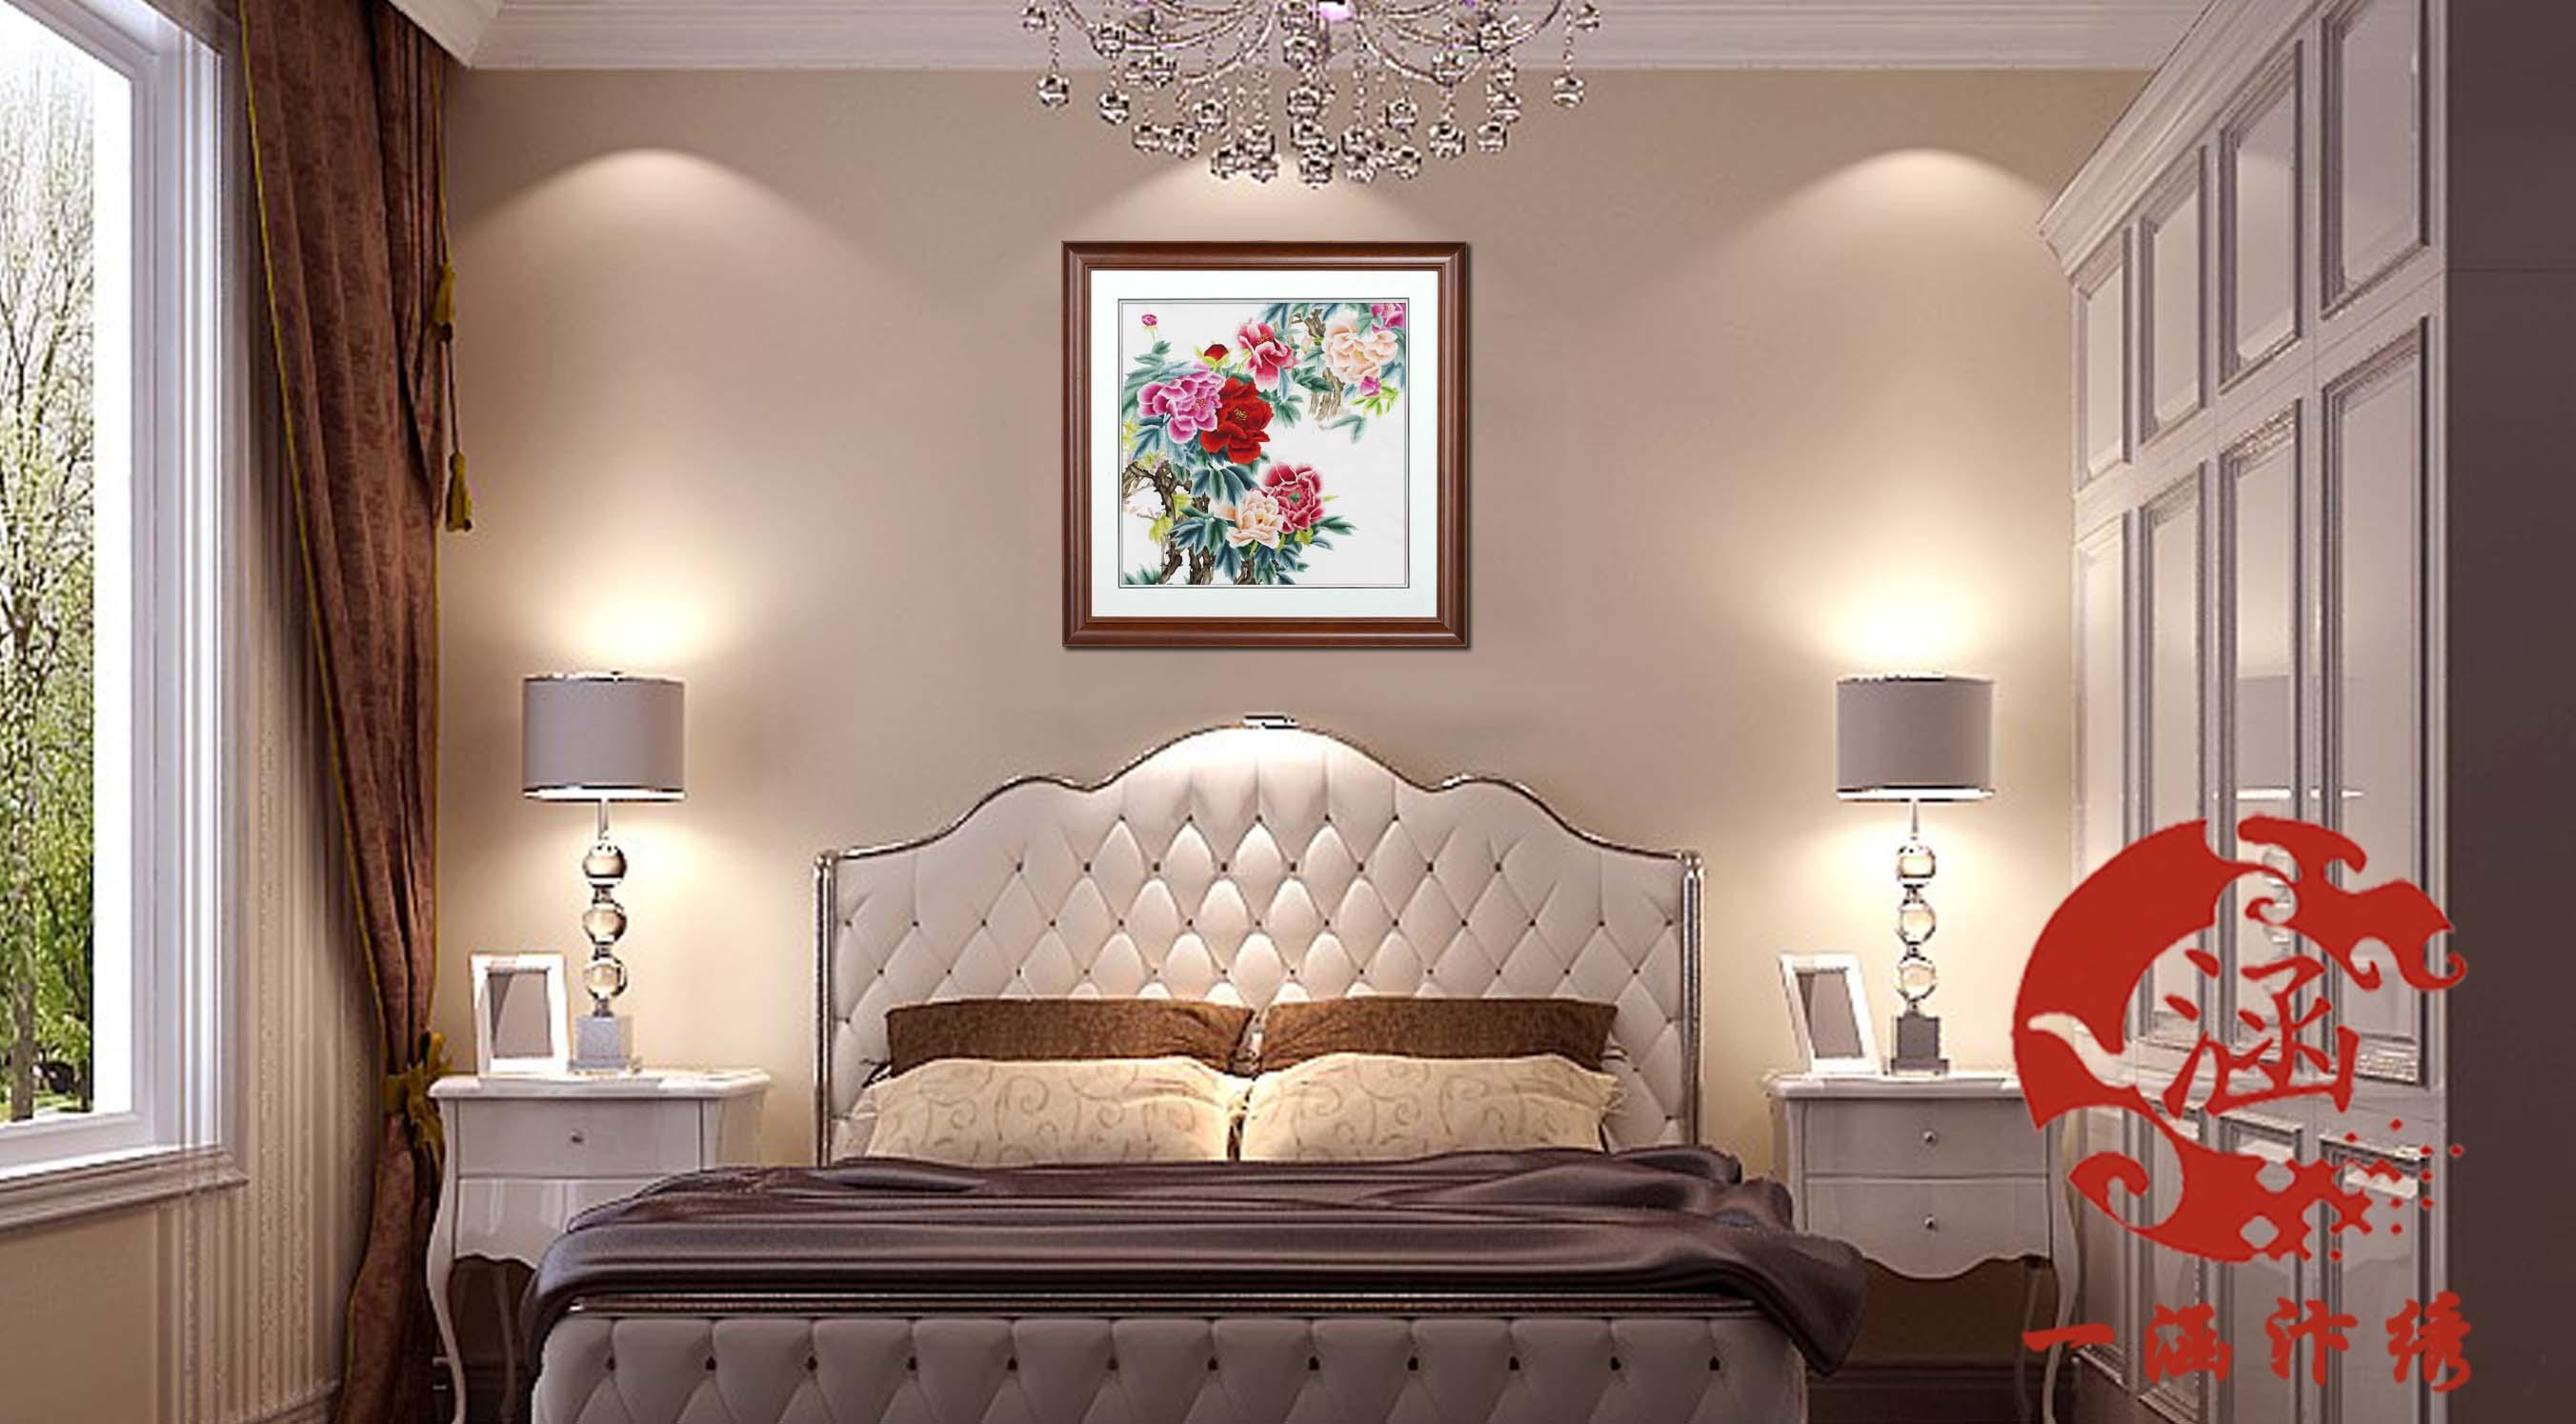 手工刺绣客厅装饰画 牡丹花开富贵